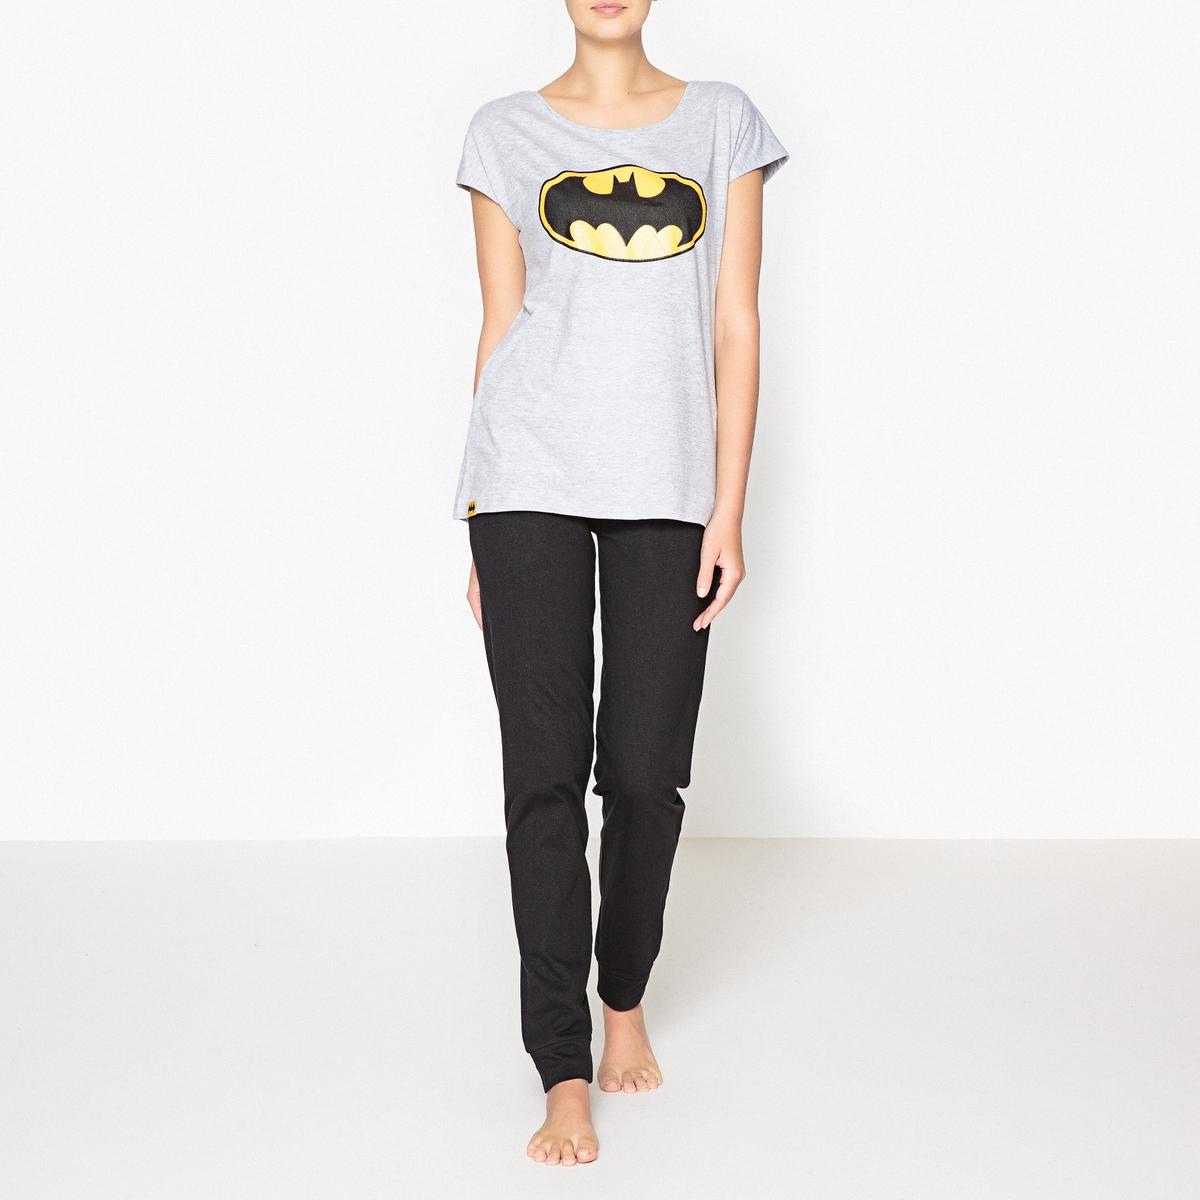 Пижама с принтом, BatmanПижама из хлопка с логотипом Бэтман для фанатов известного персонажа . Несравненный комфорт и графический рисунок . Состав и описаниеРаздельная пижама, верх с принтом, круглый вырез, короткие рукава  .Брюки с завязками и эластичным поясом  .Марка : Batman Материал : 95% хлопка, 5% полиэстераУход: :Машинная стирка при 30 °С на деликатном режиме с вещами схожих цветов.Стирать и гладить при низкой температуре с изнаночной стороны.Машинная сушка запрещена.<br><br>Цвет: черный/серый<br>Размер: XL